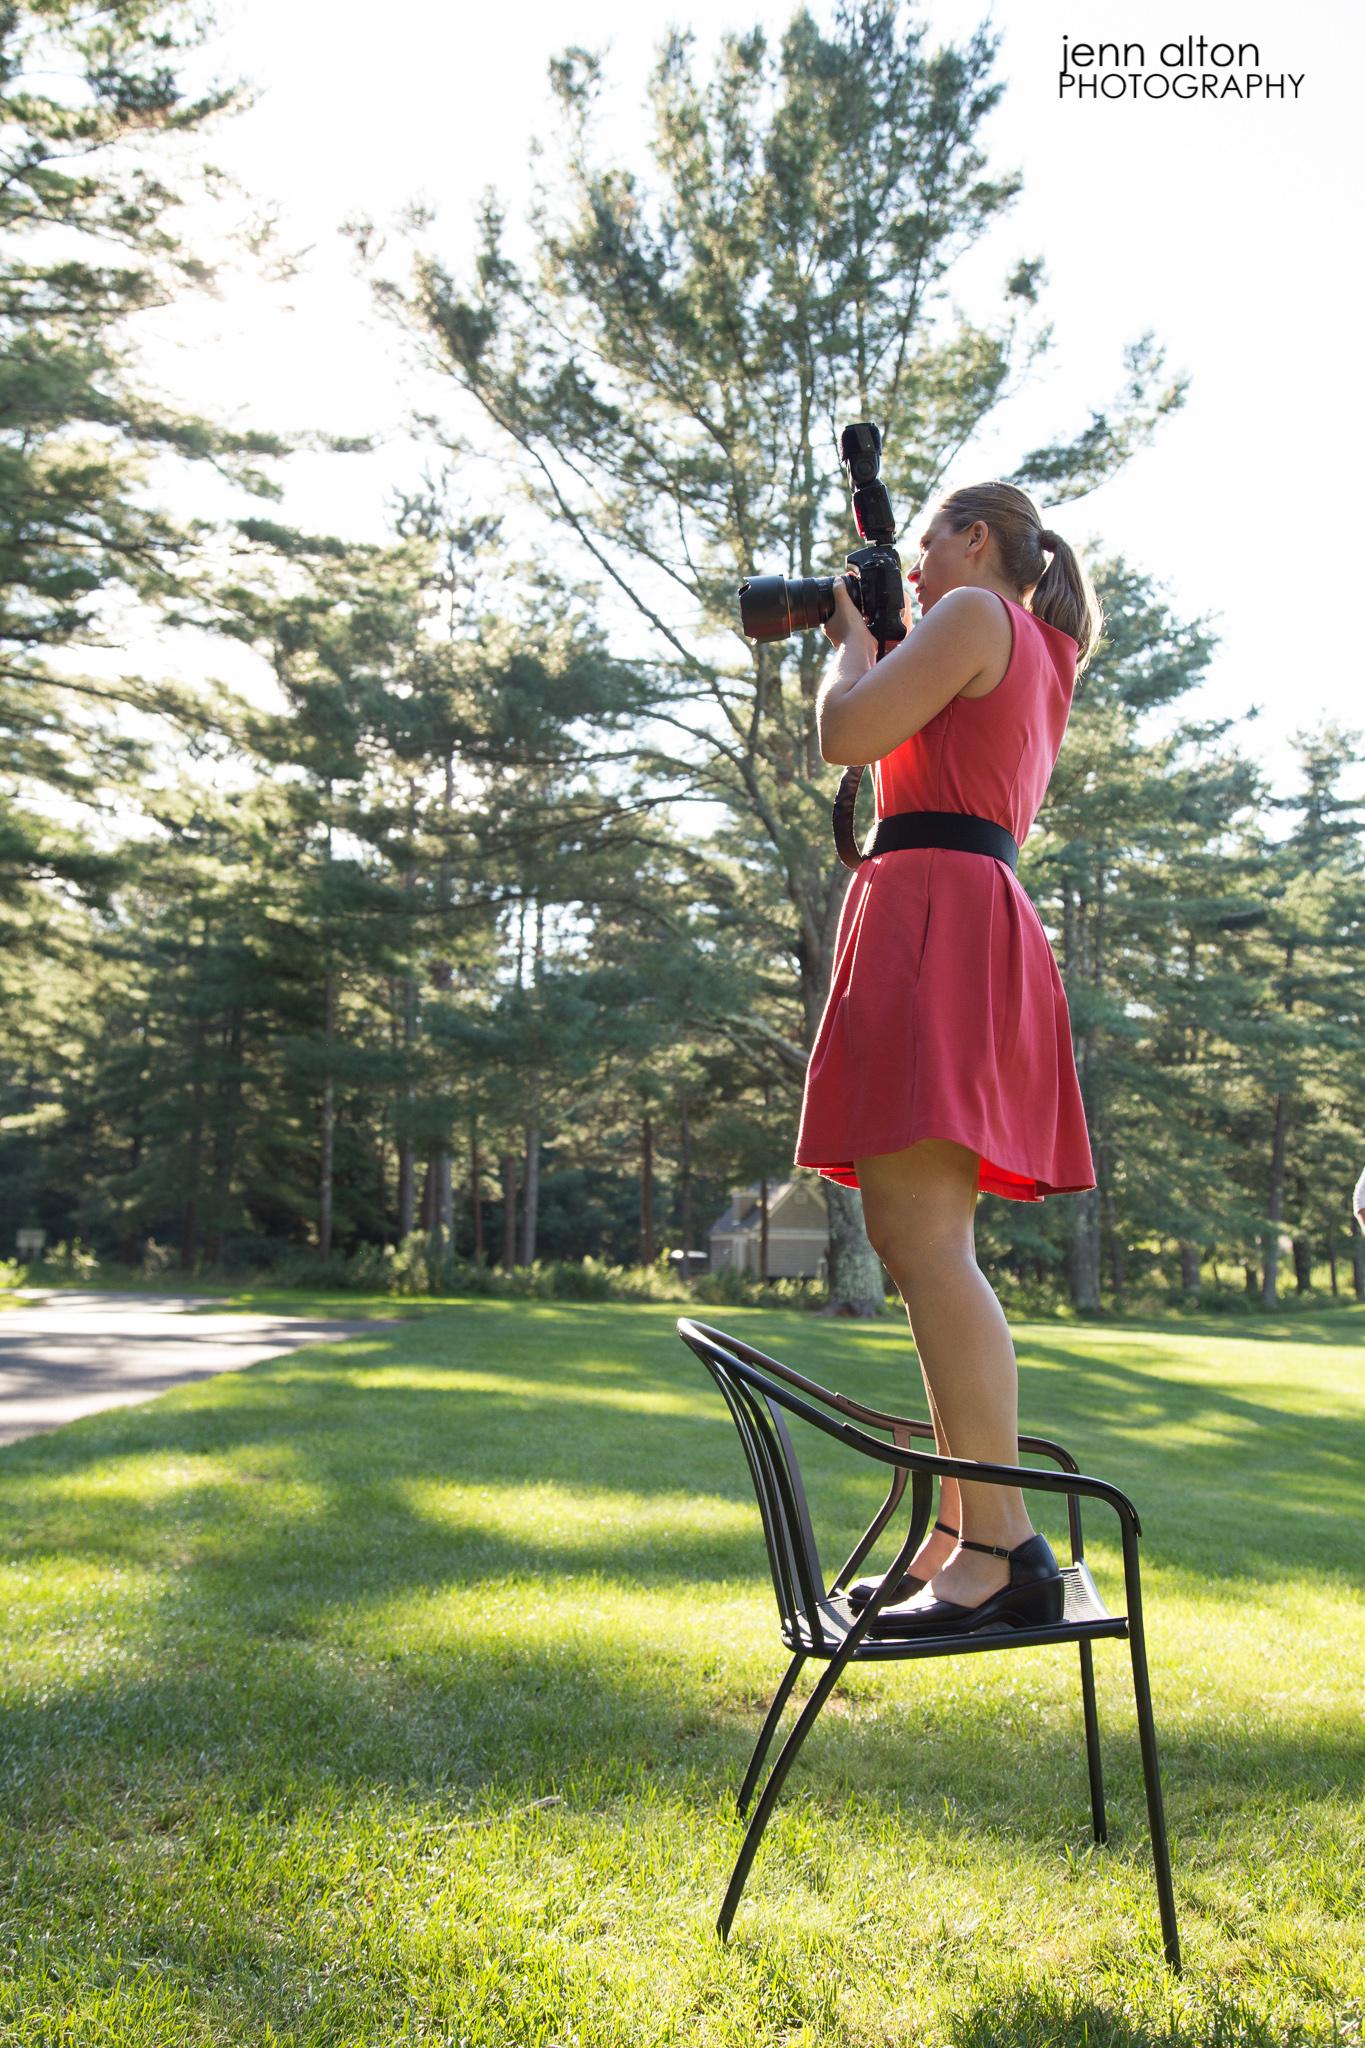 Photographer on a chair